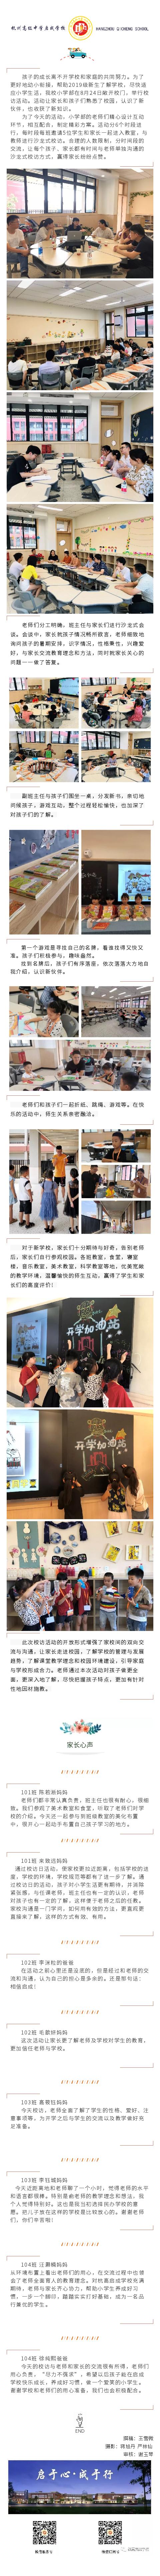 校园之约,助力成长——杭州高级中学启成学校小学部2019级新生校访活动